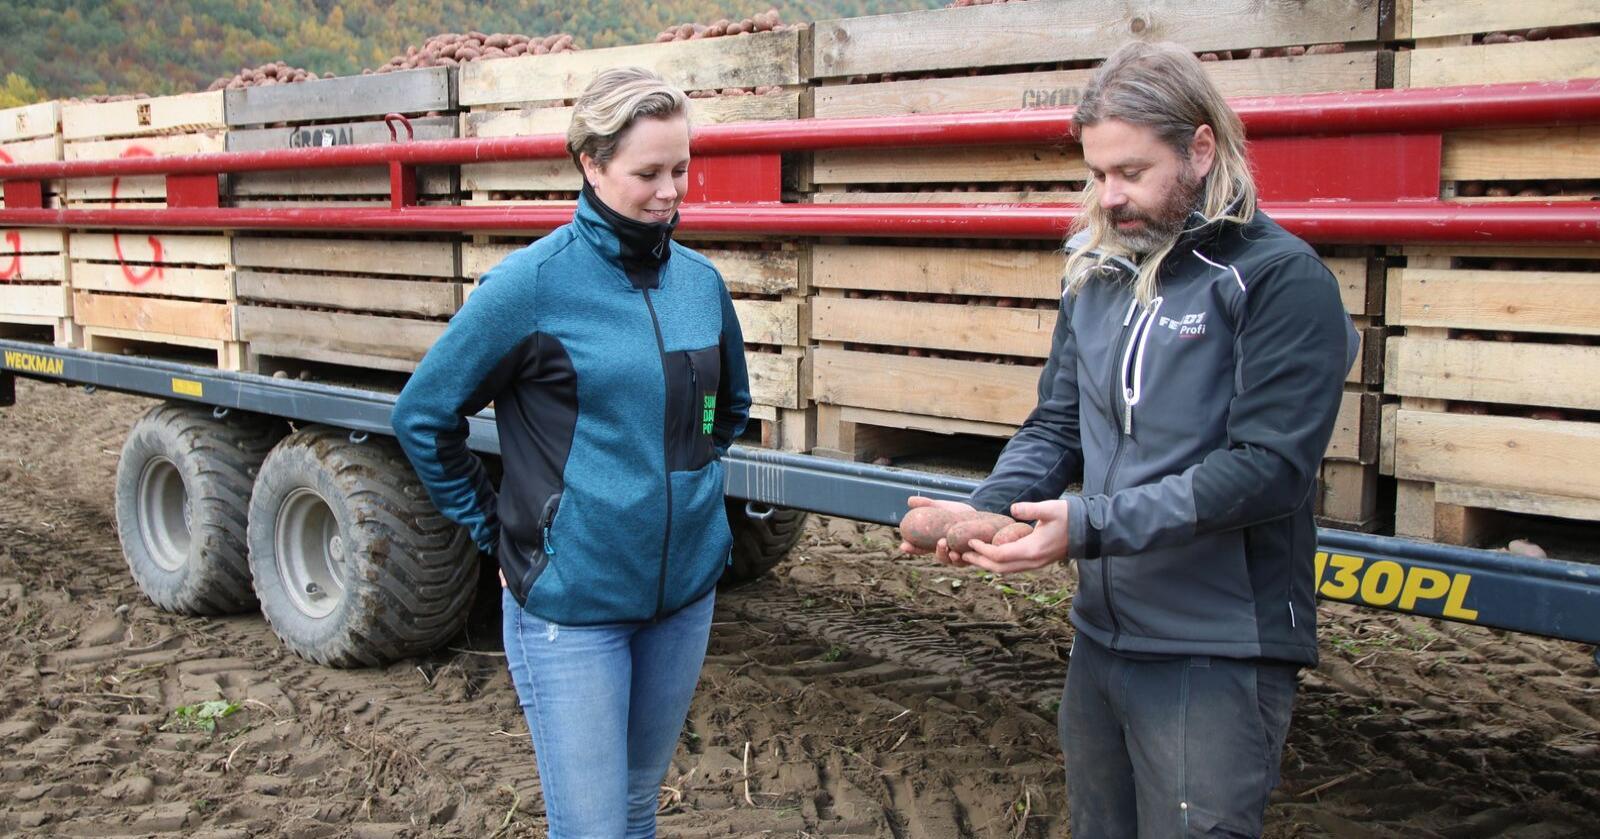 God kvalitet: Kristi Aarak i Sunndalspotet konstaterer at Per Grødal høster fine Asterix-poteter. (Foto: Lars Olav Haug)